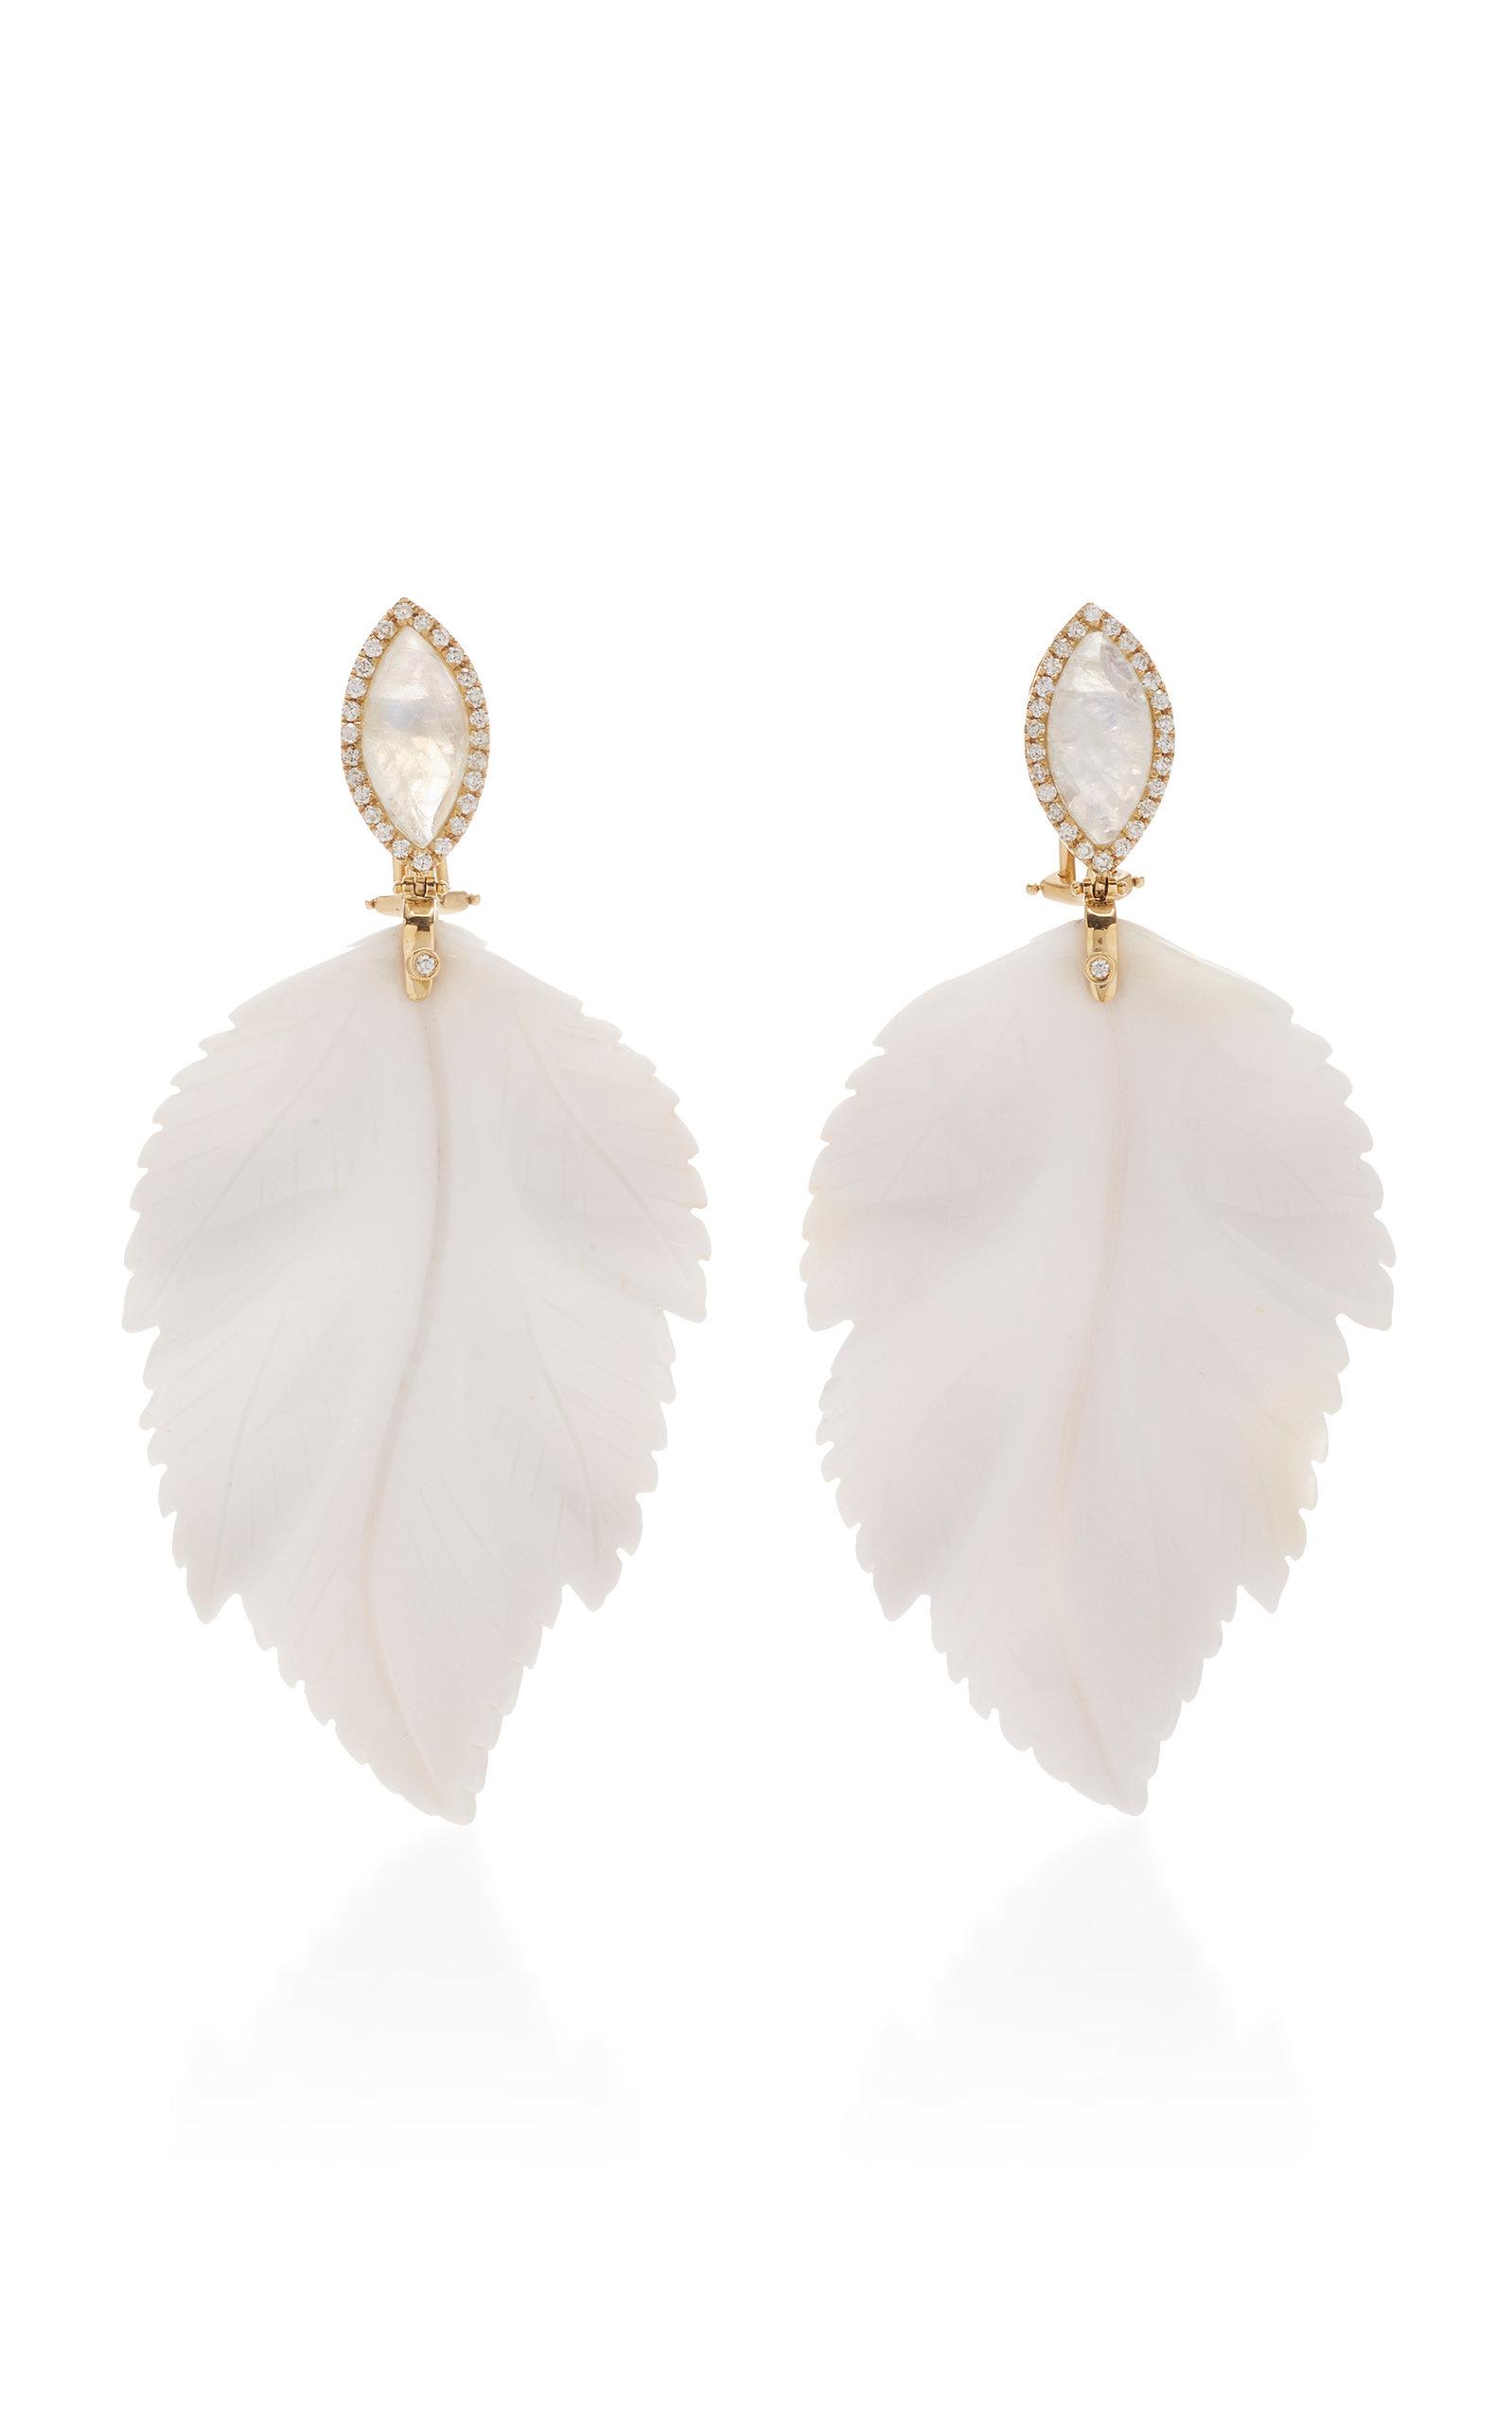 Casa Castro - Women's Moon Earrings - White - Moda Operandi